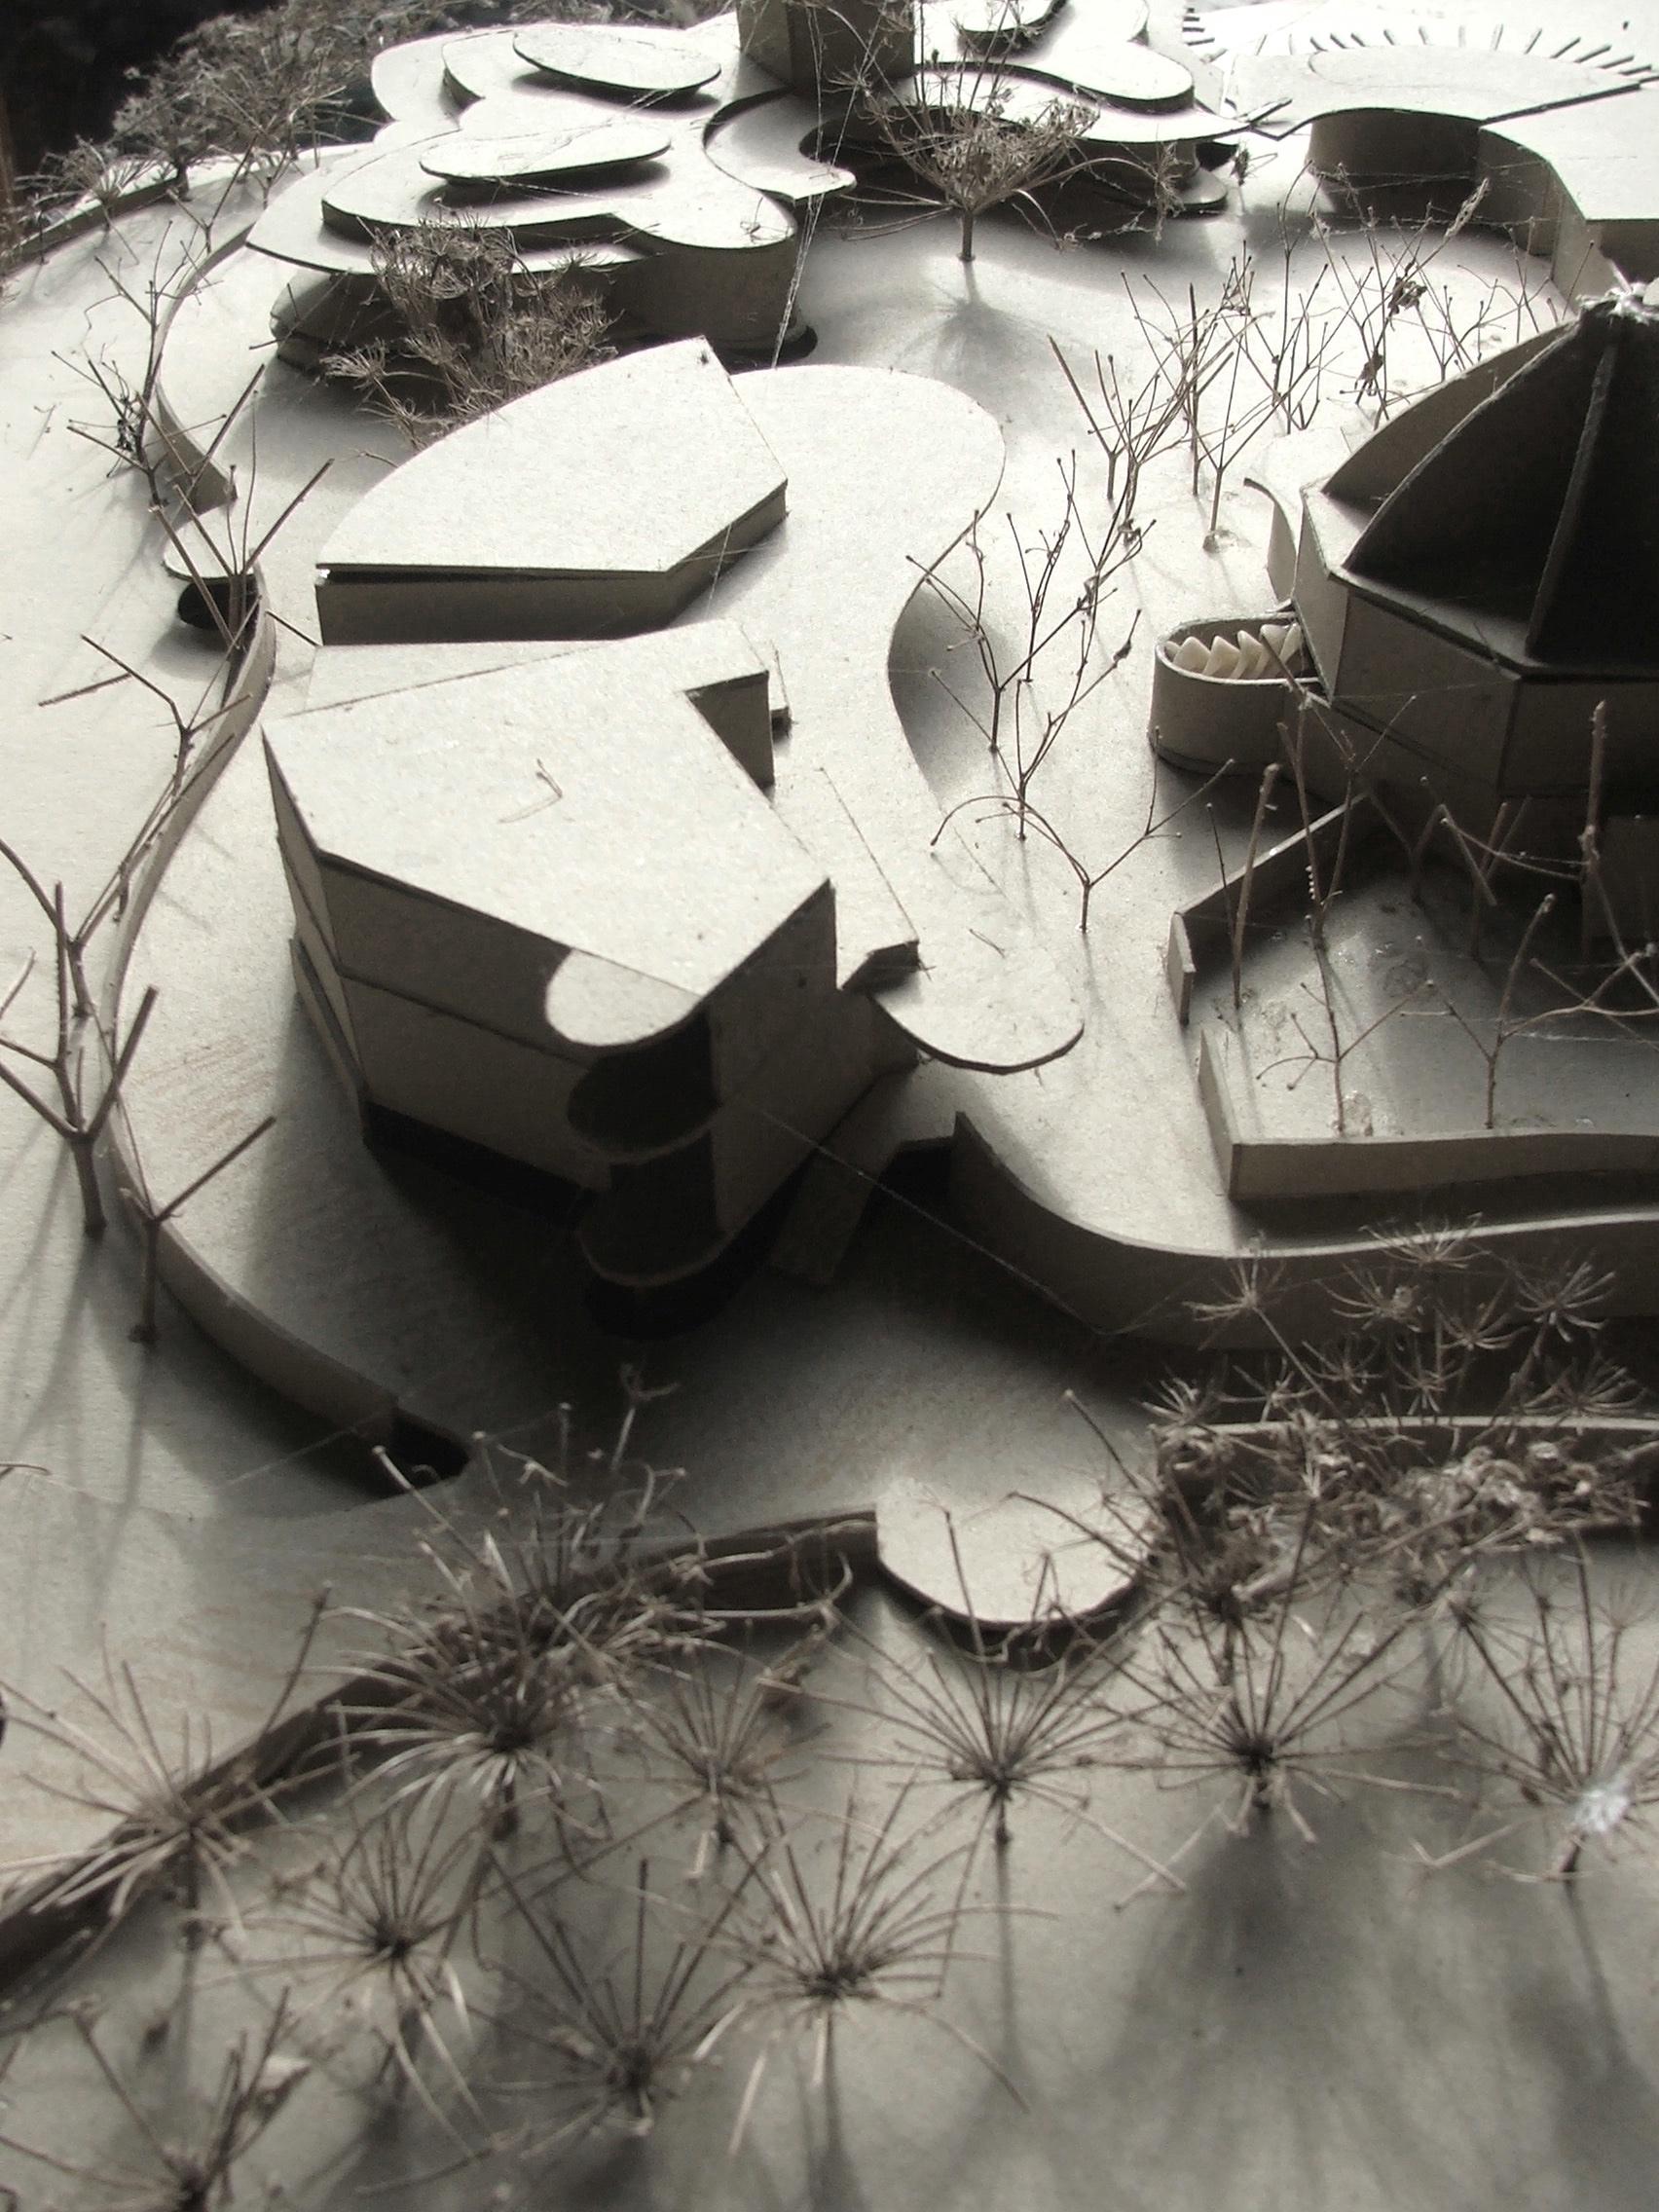 architectural model, de bortoli winery masterplan